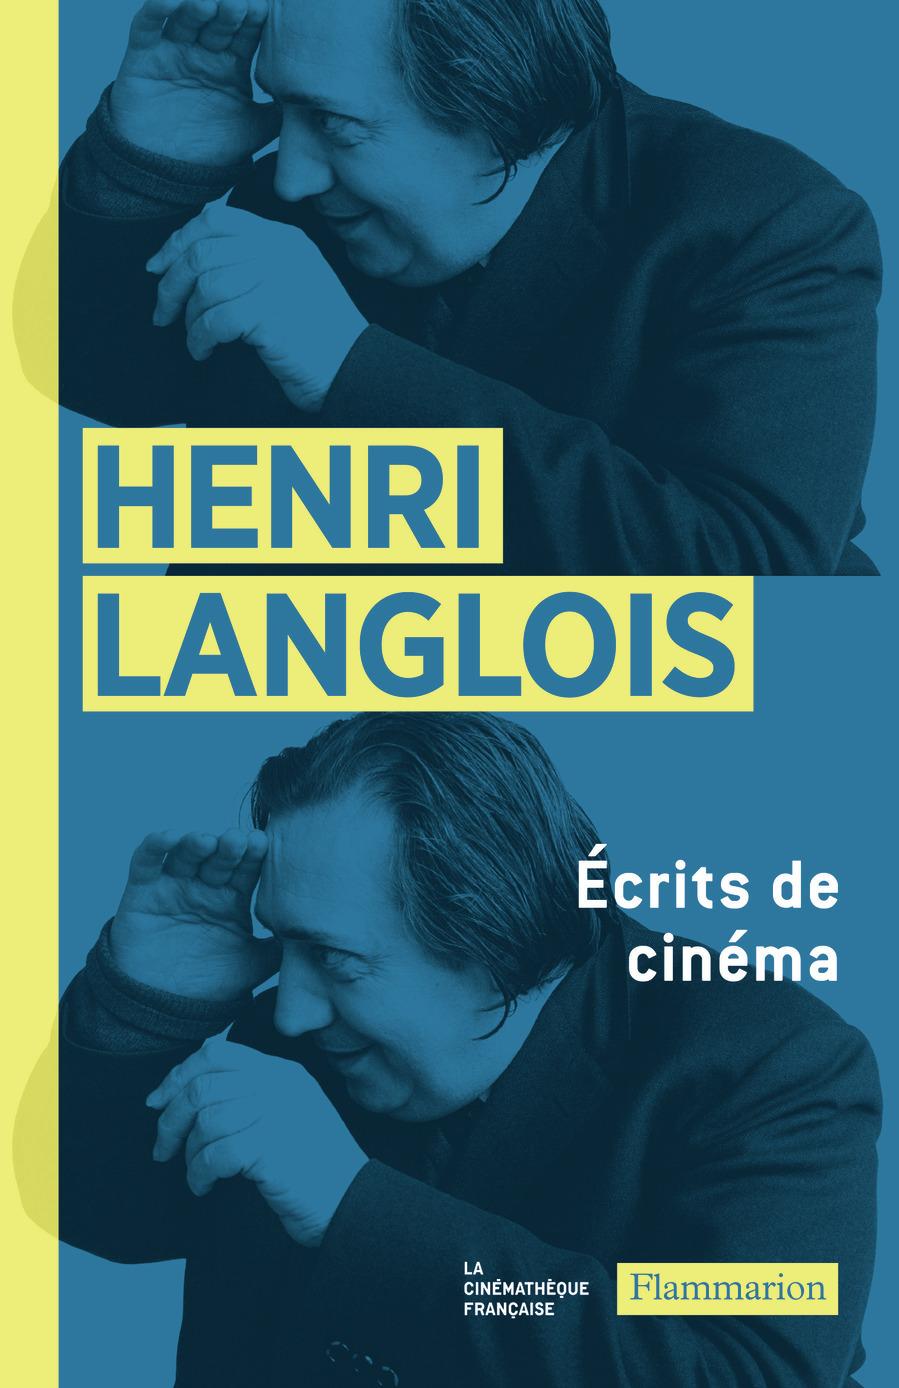 HENRI LANGLOIS - ECRITS DE CINEMA